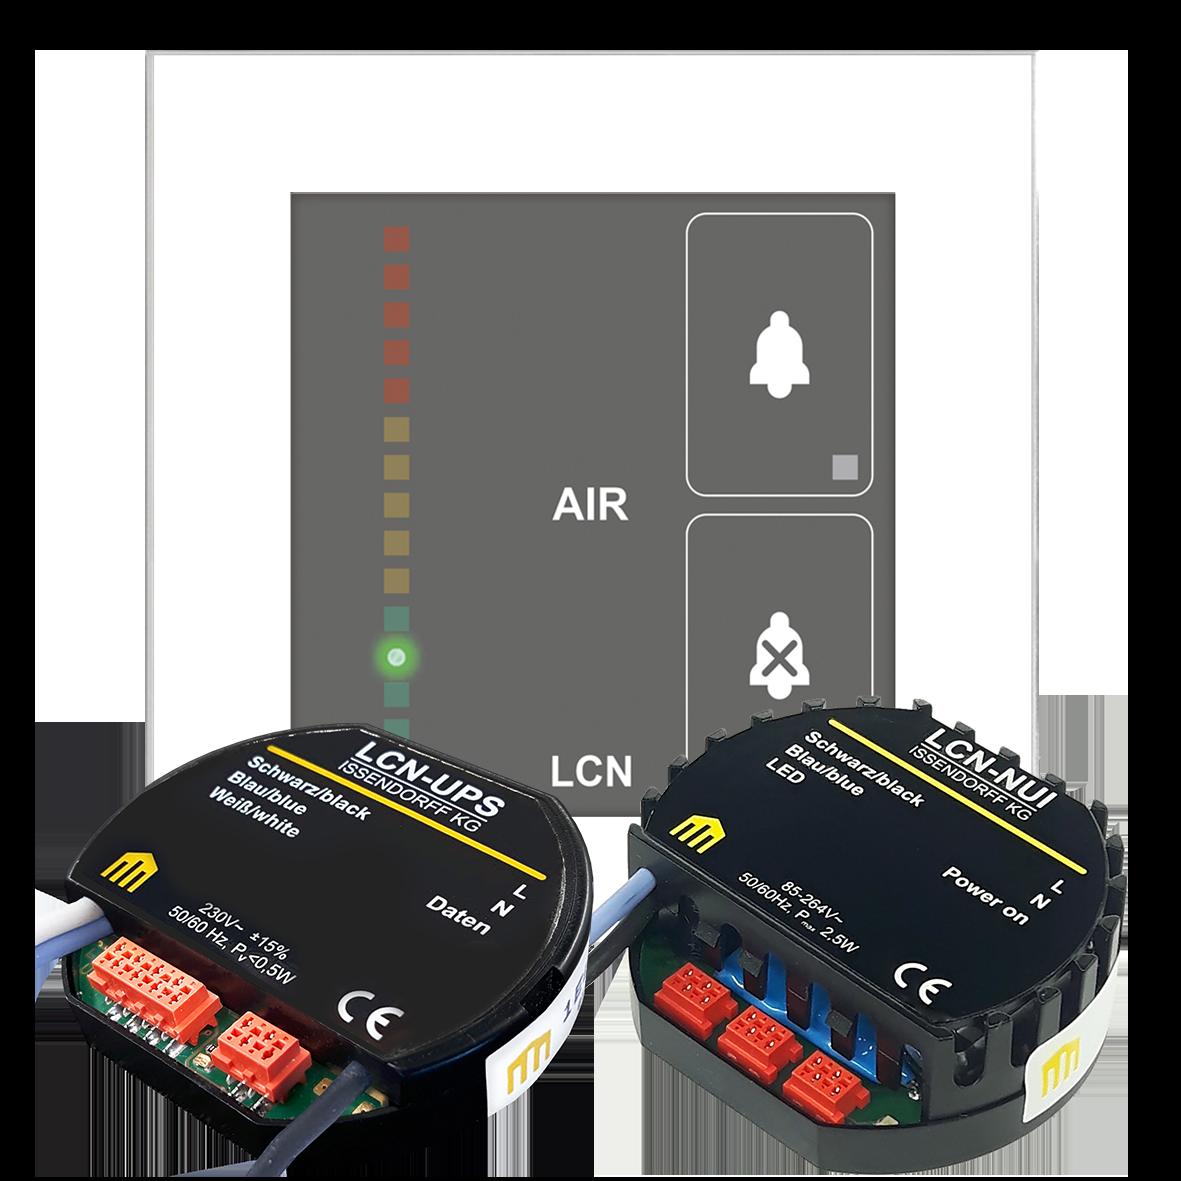 LCN-Luftgüte